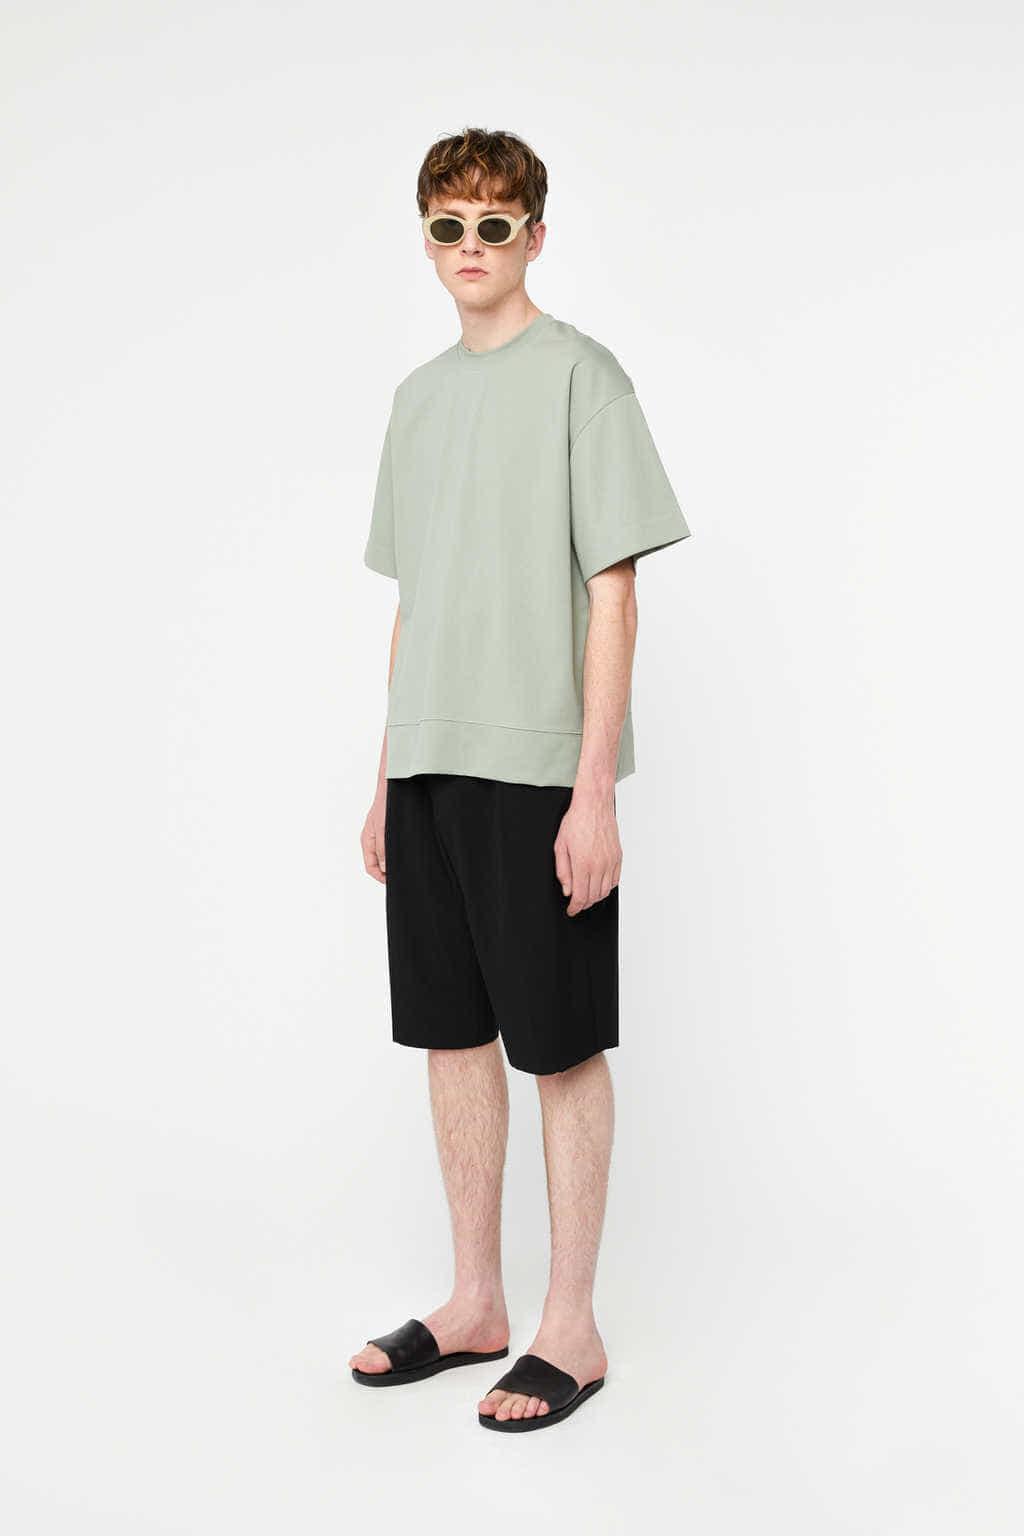 TShirt K007M Green 14